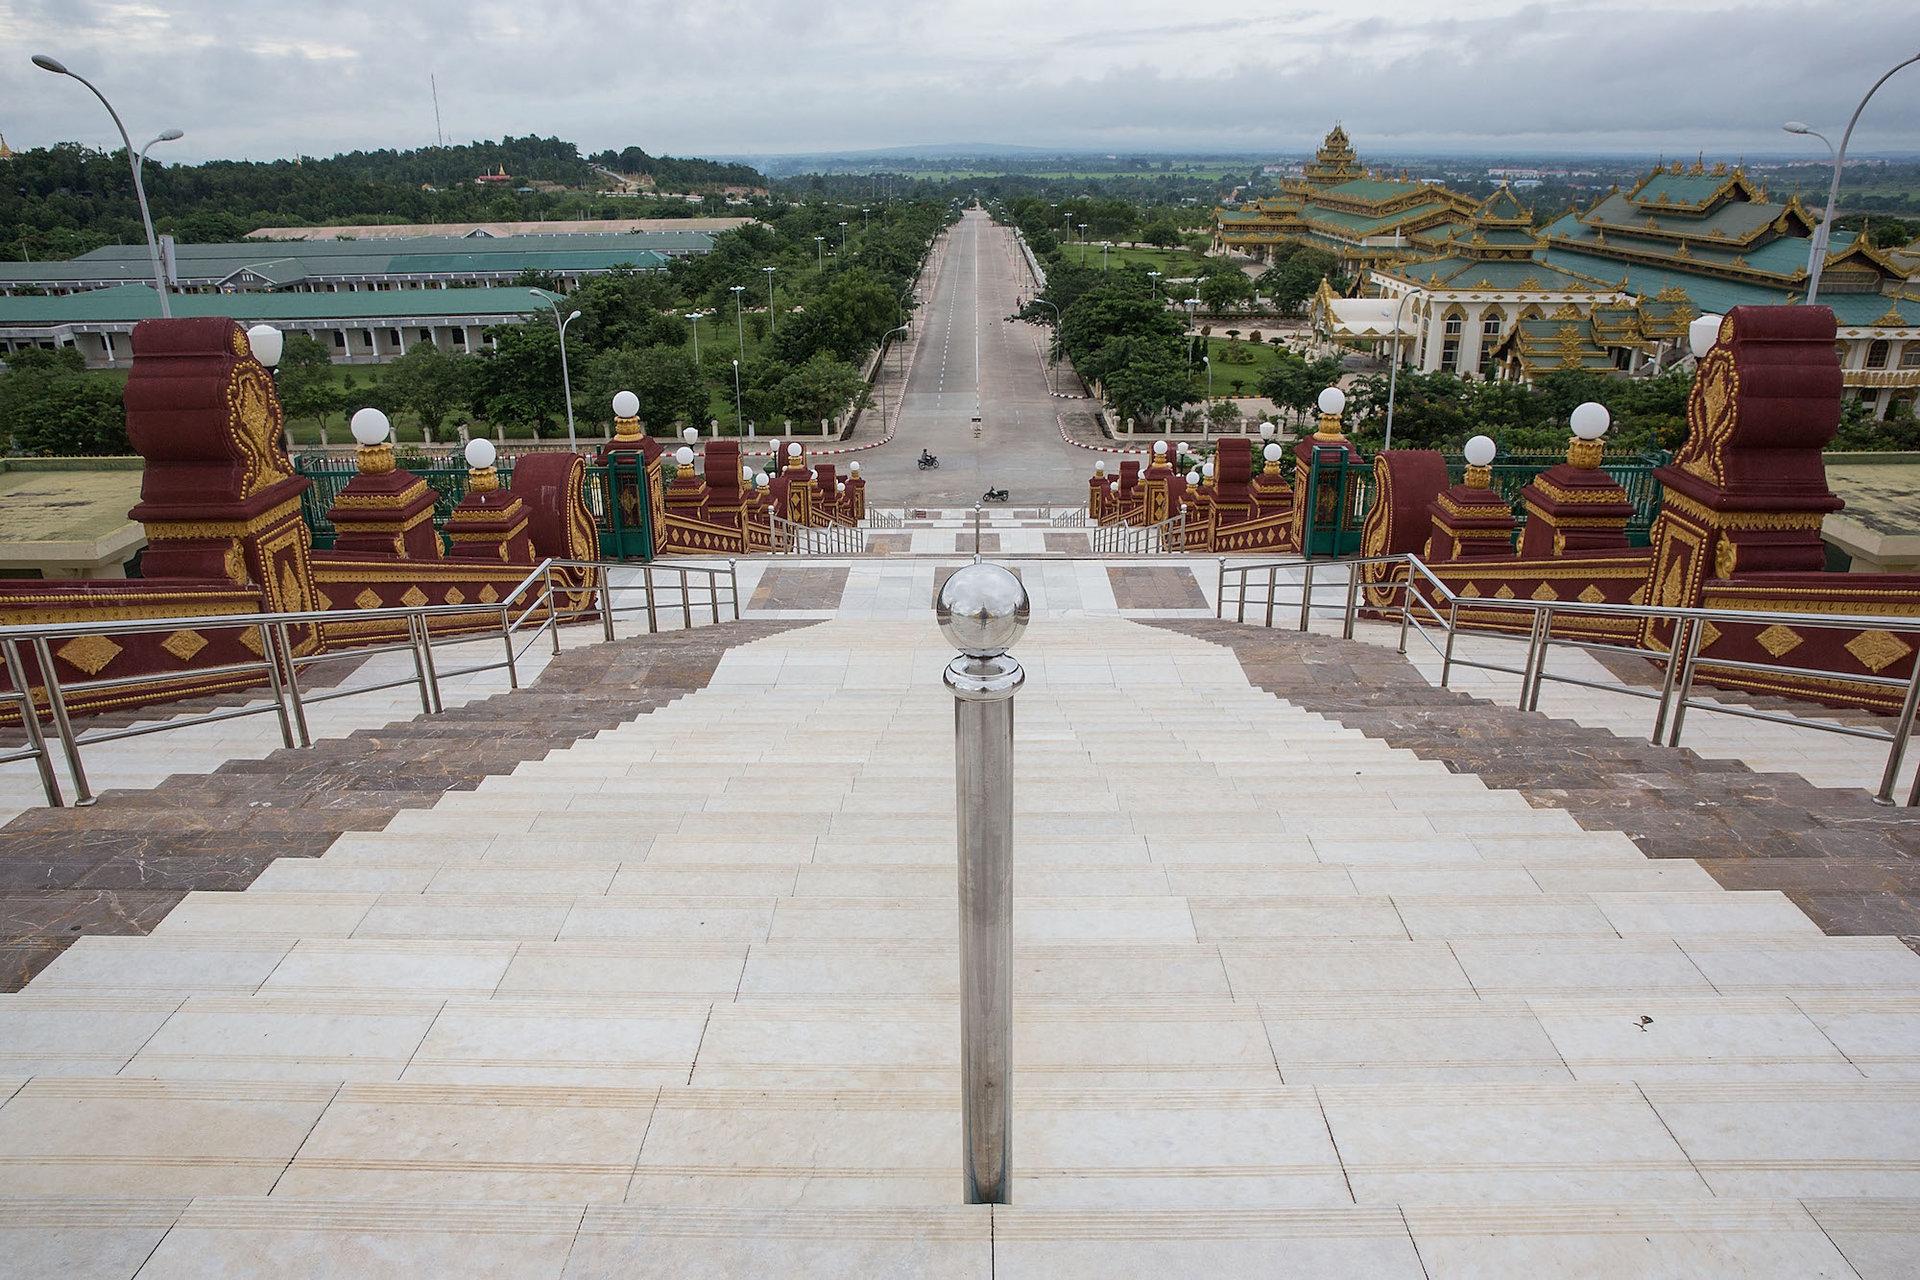 چشم اندازی کلی از شهر نایپیداو در کشور میانمار. میانمار در جنوب شرقی آسیا واقع شده است.